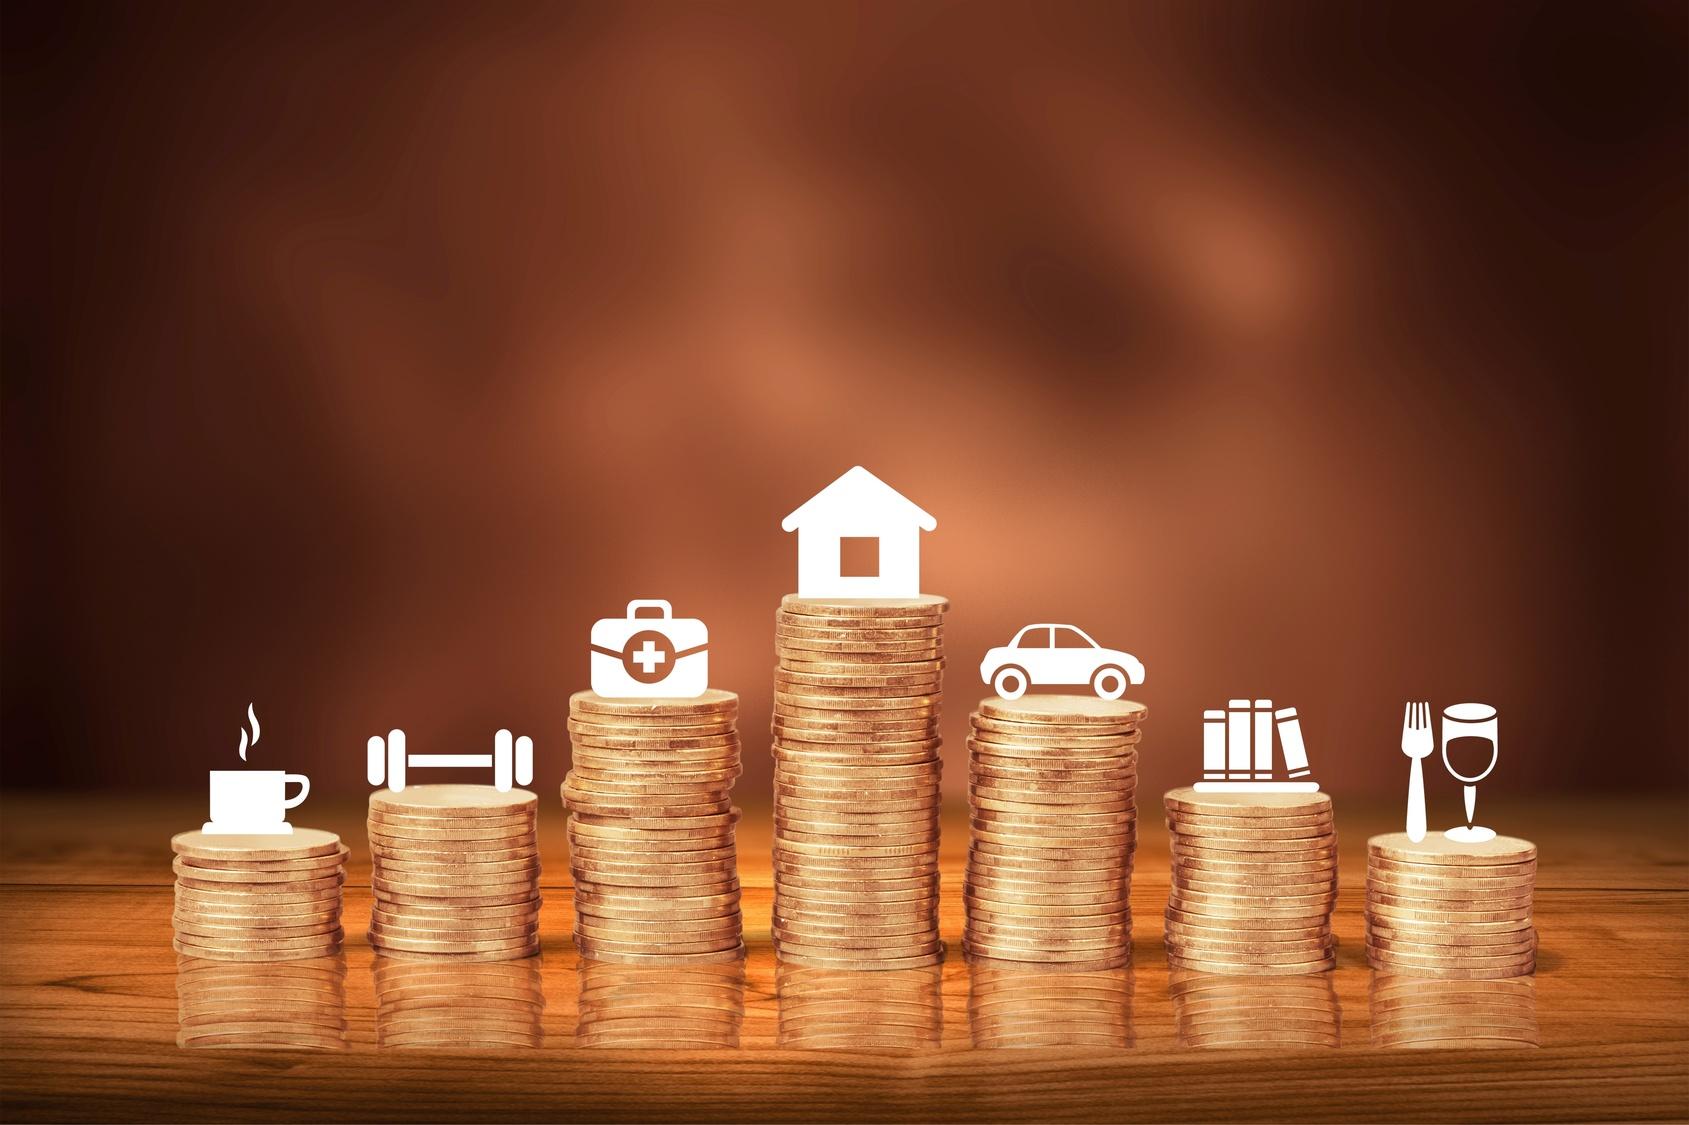 Confira os prós e contras do Empréstimo Consignado